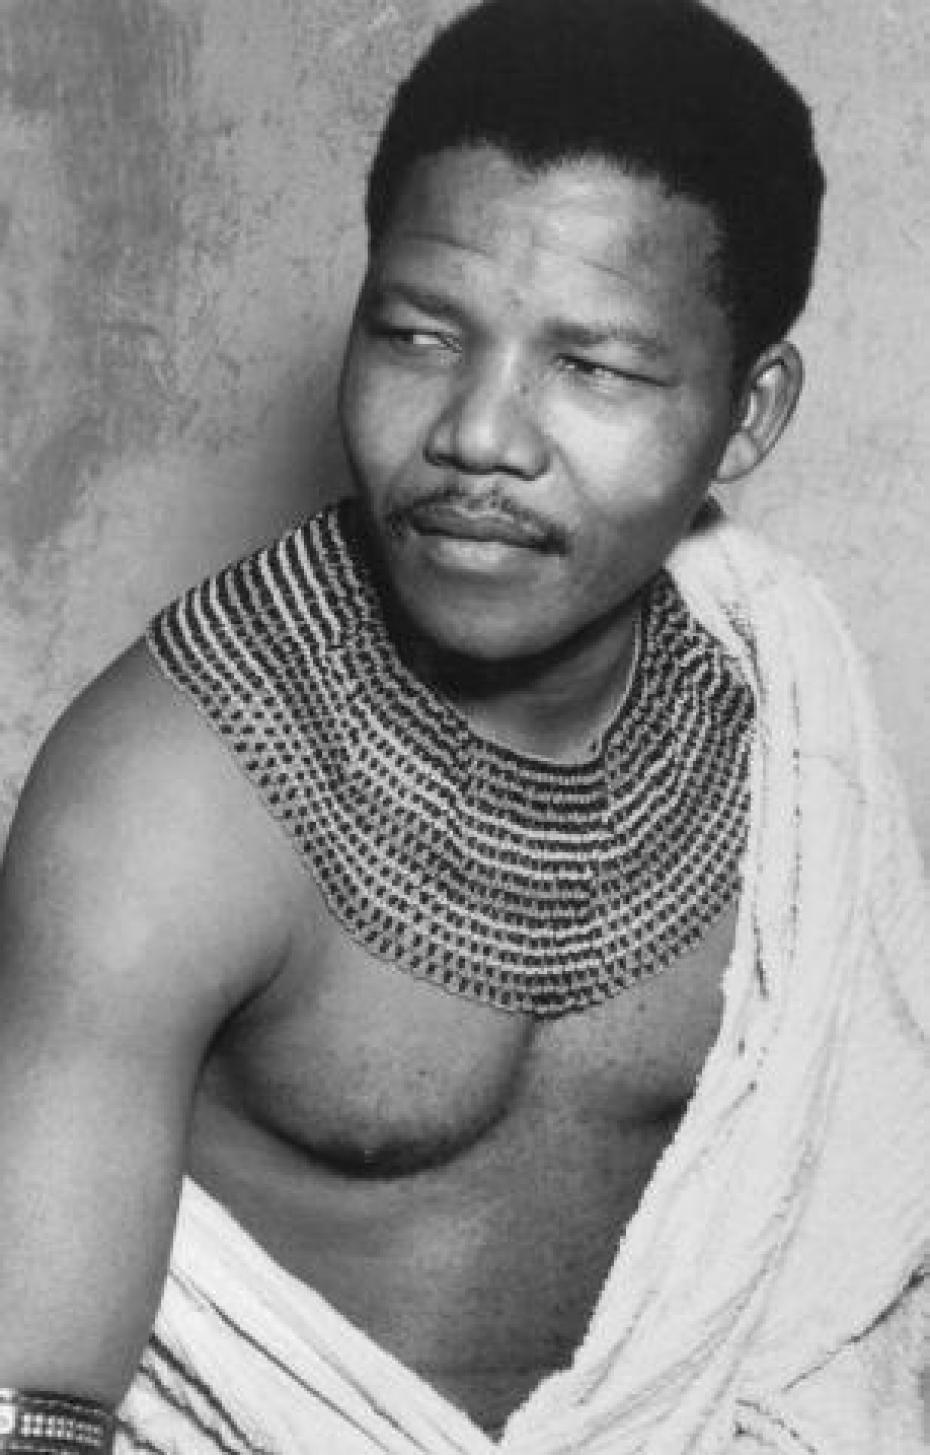 نتيجة بحث الصور عن نيلسون مانديلا